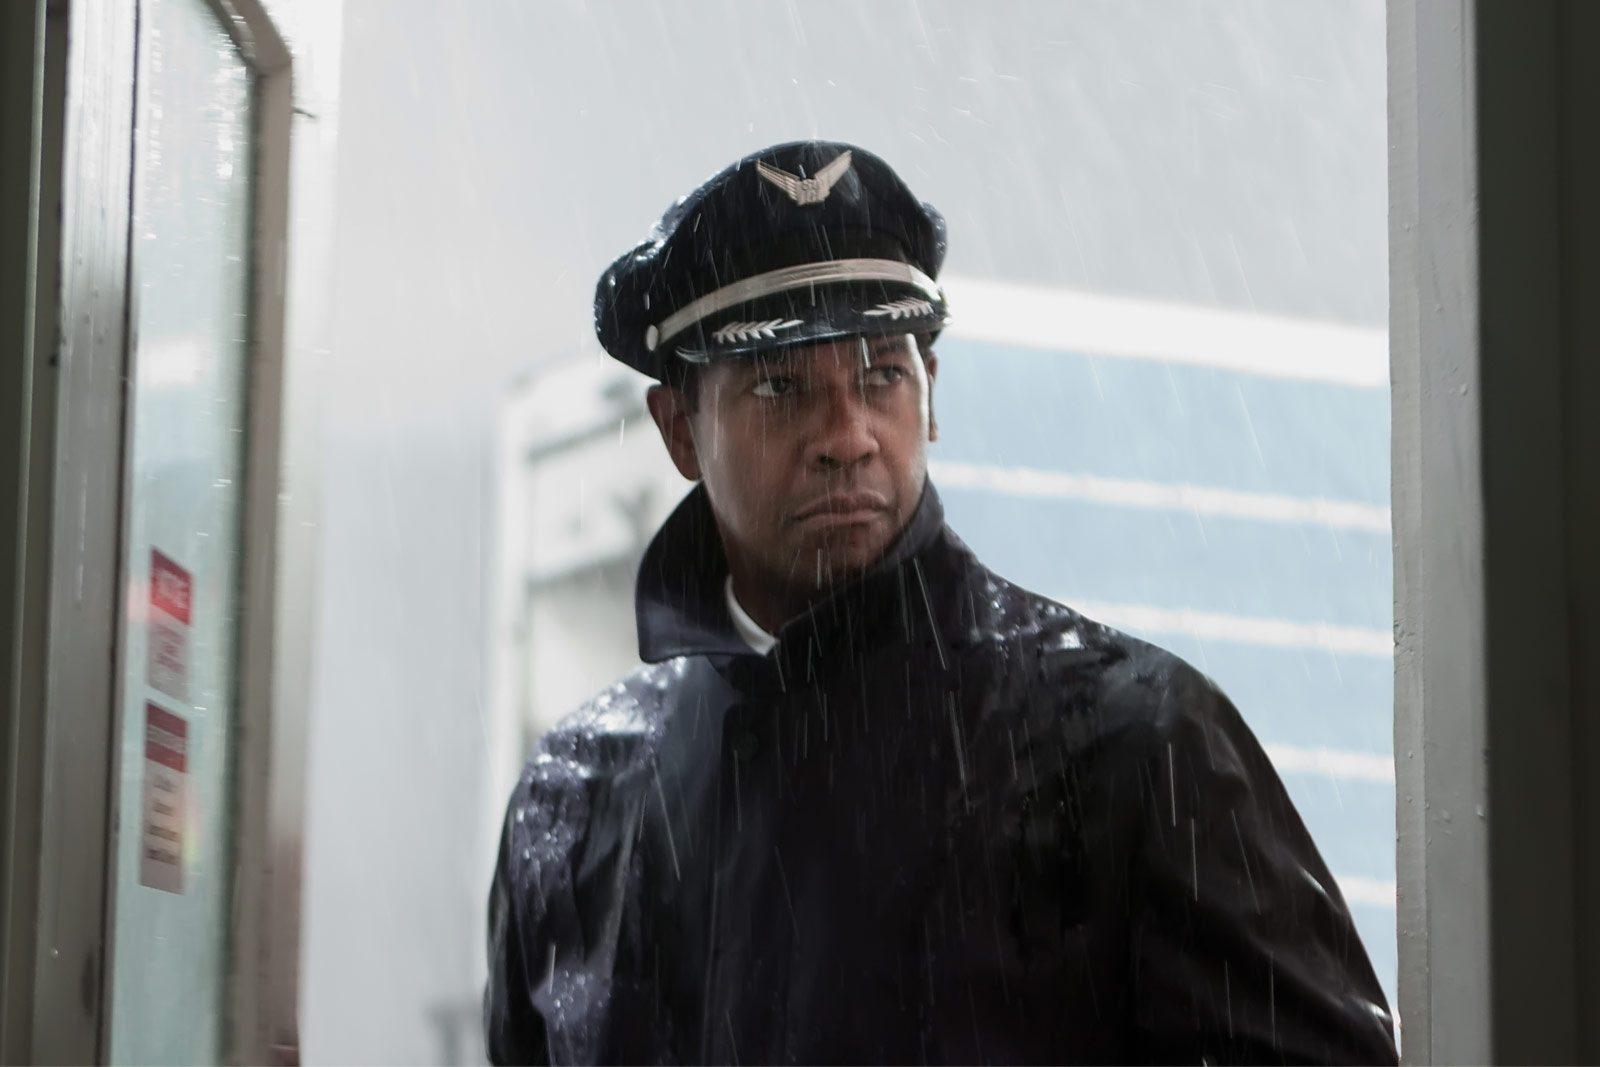 Denzel Washington: Flight [Official Trailer] 1